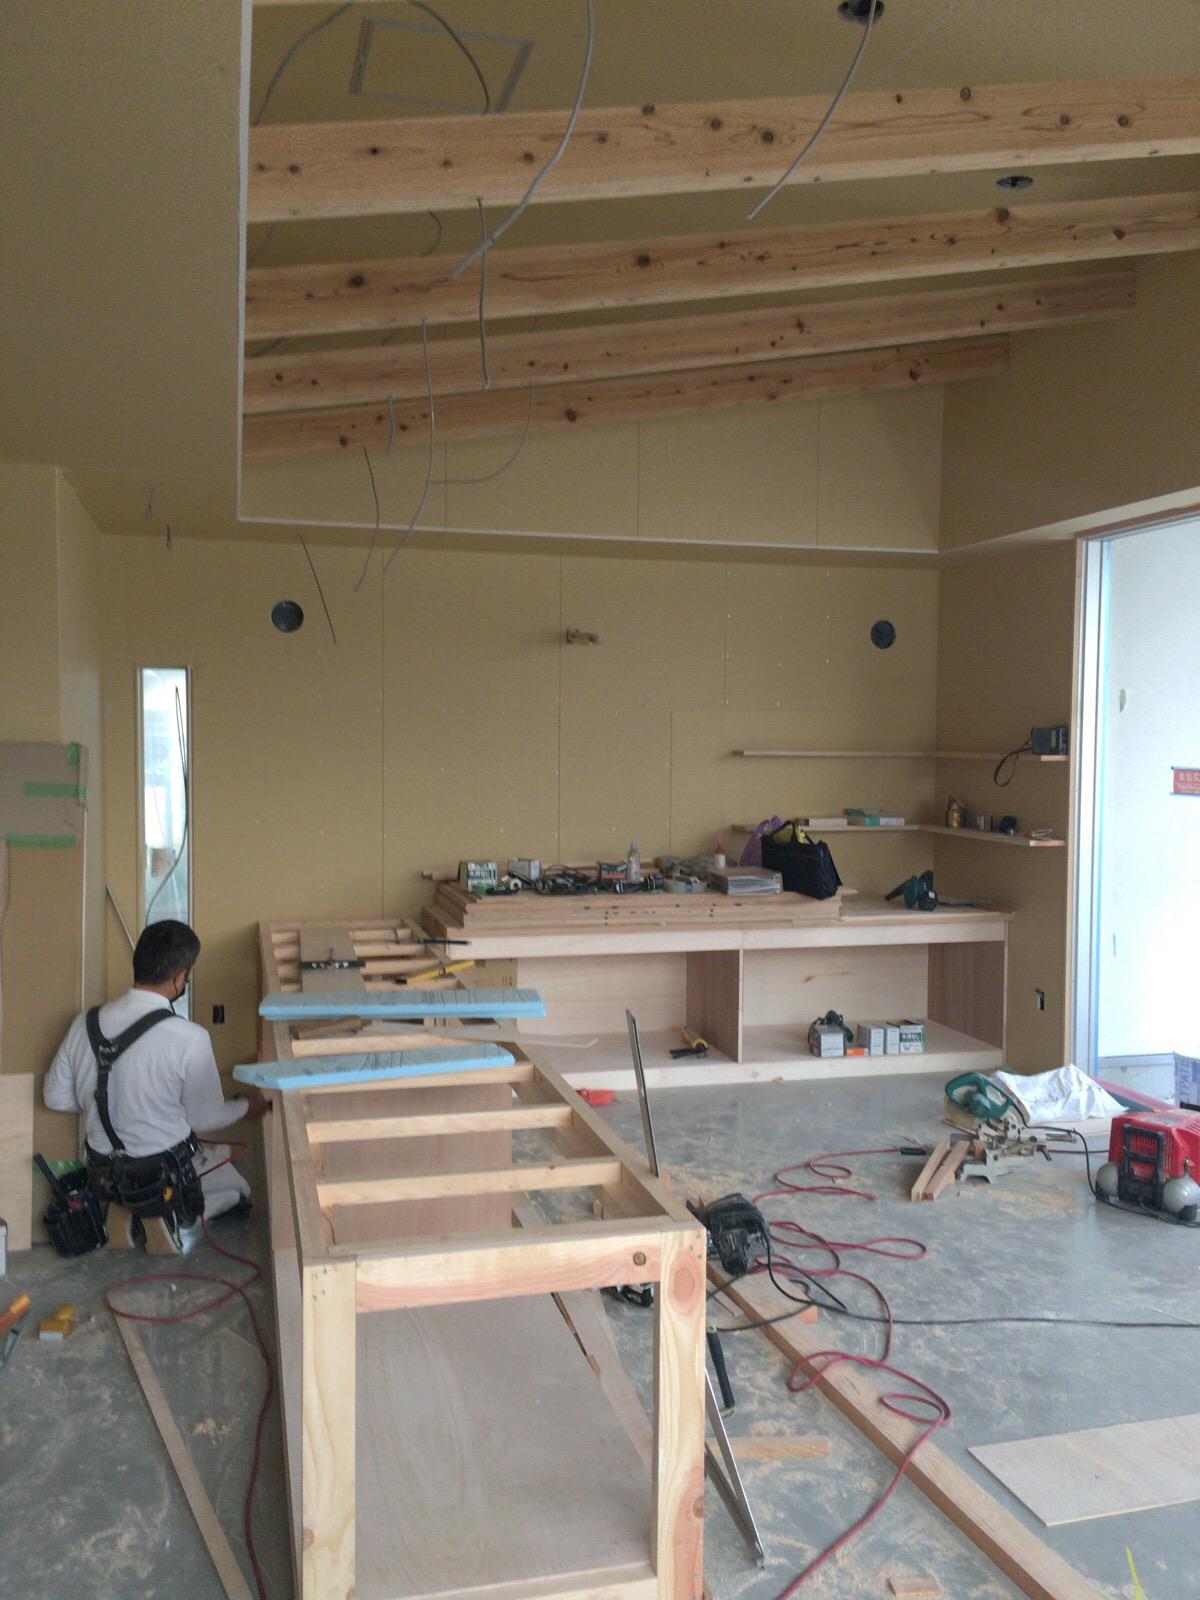 近江屋様 工程も終盤になってきました。